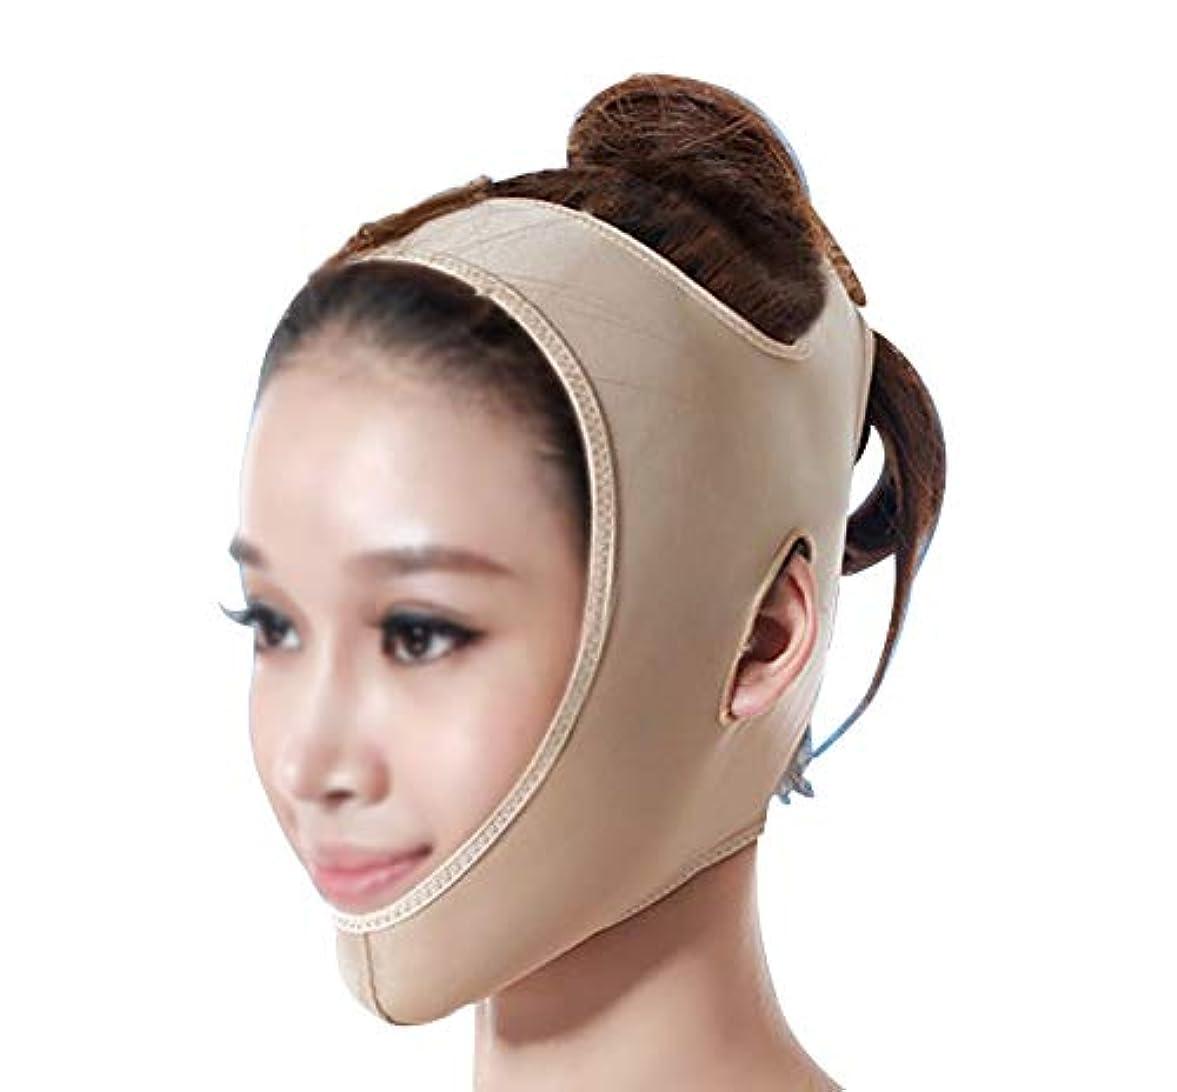 系統的研磨剤腰TLMY 引き締めマスクマスク美容薬マスク美容V顔包帯ライン彫刻引き締めしっかりダブルチンマスク 顔用整形マスク (Size : M)